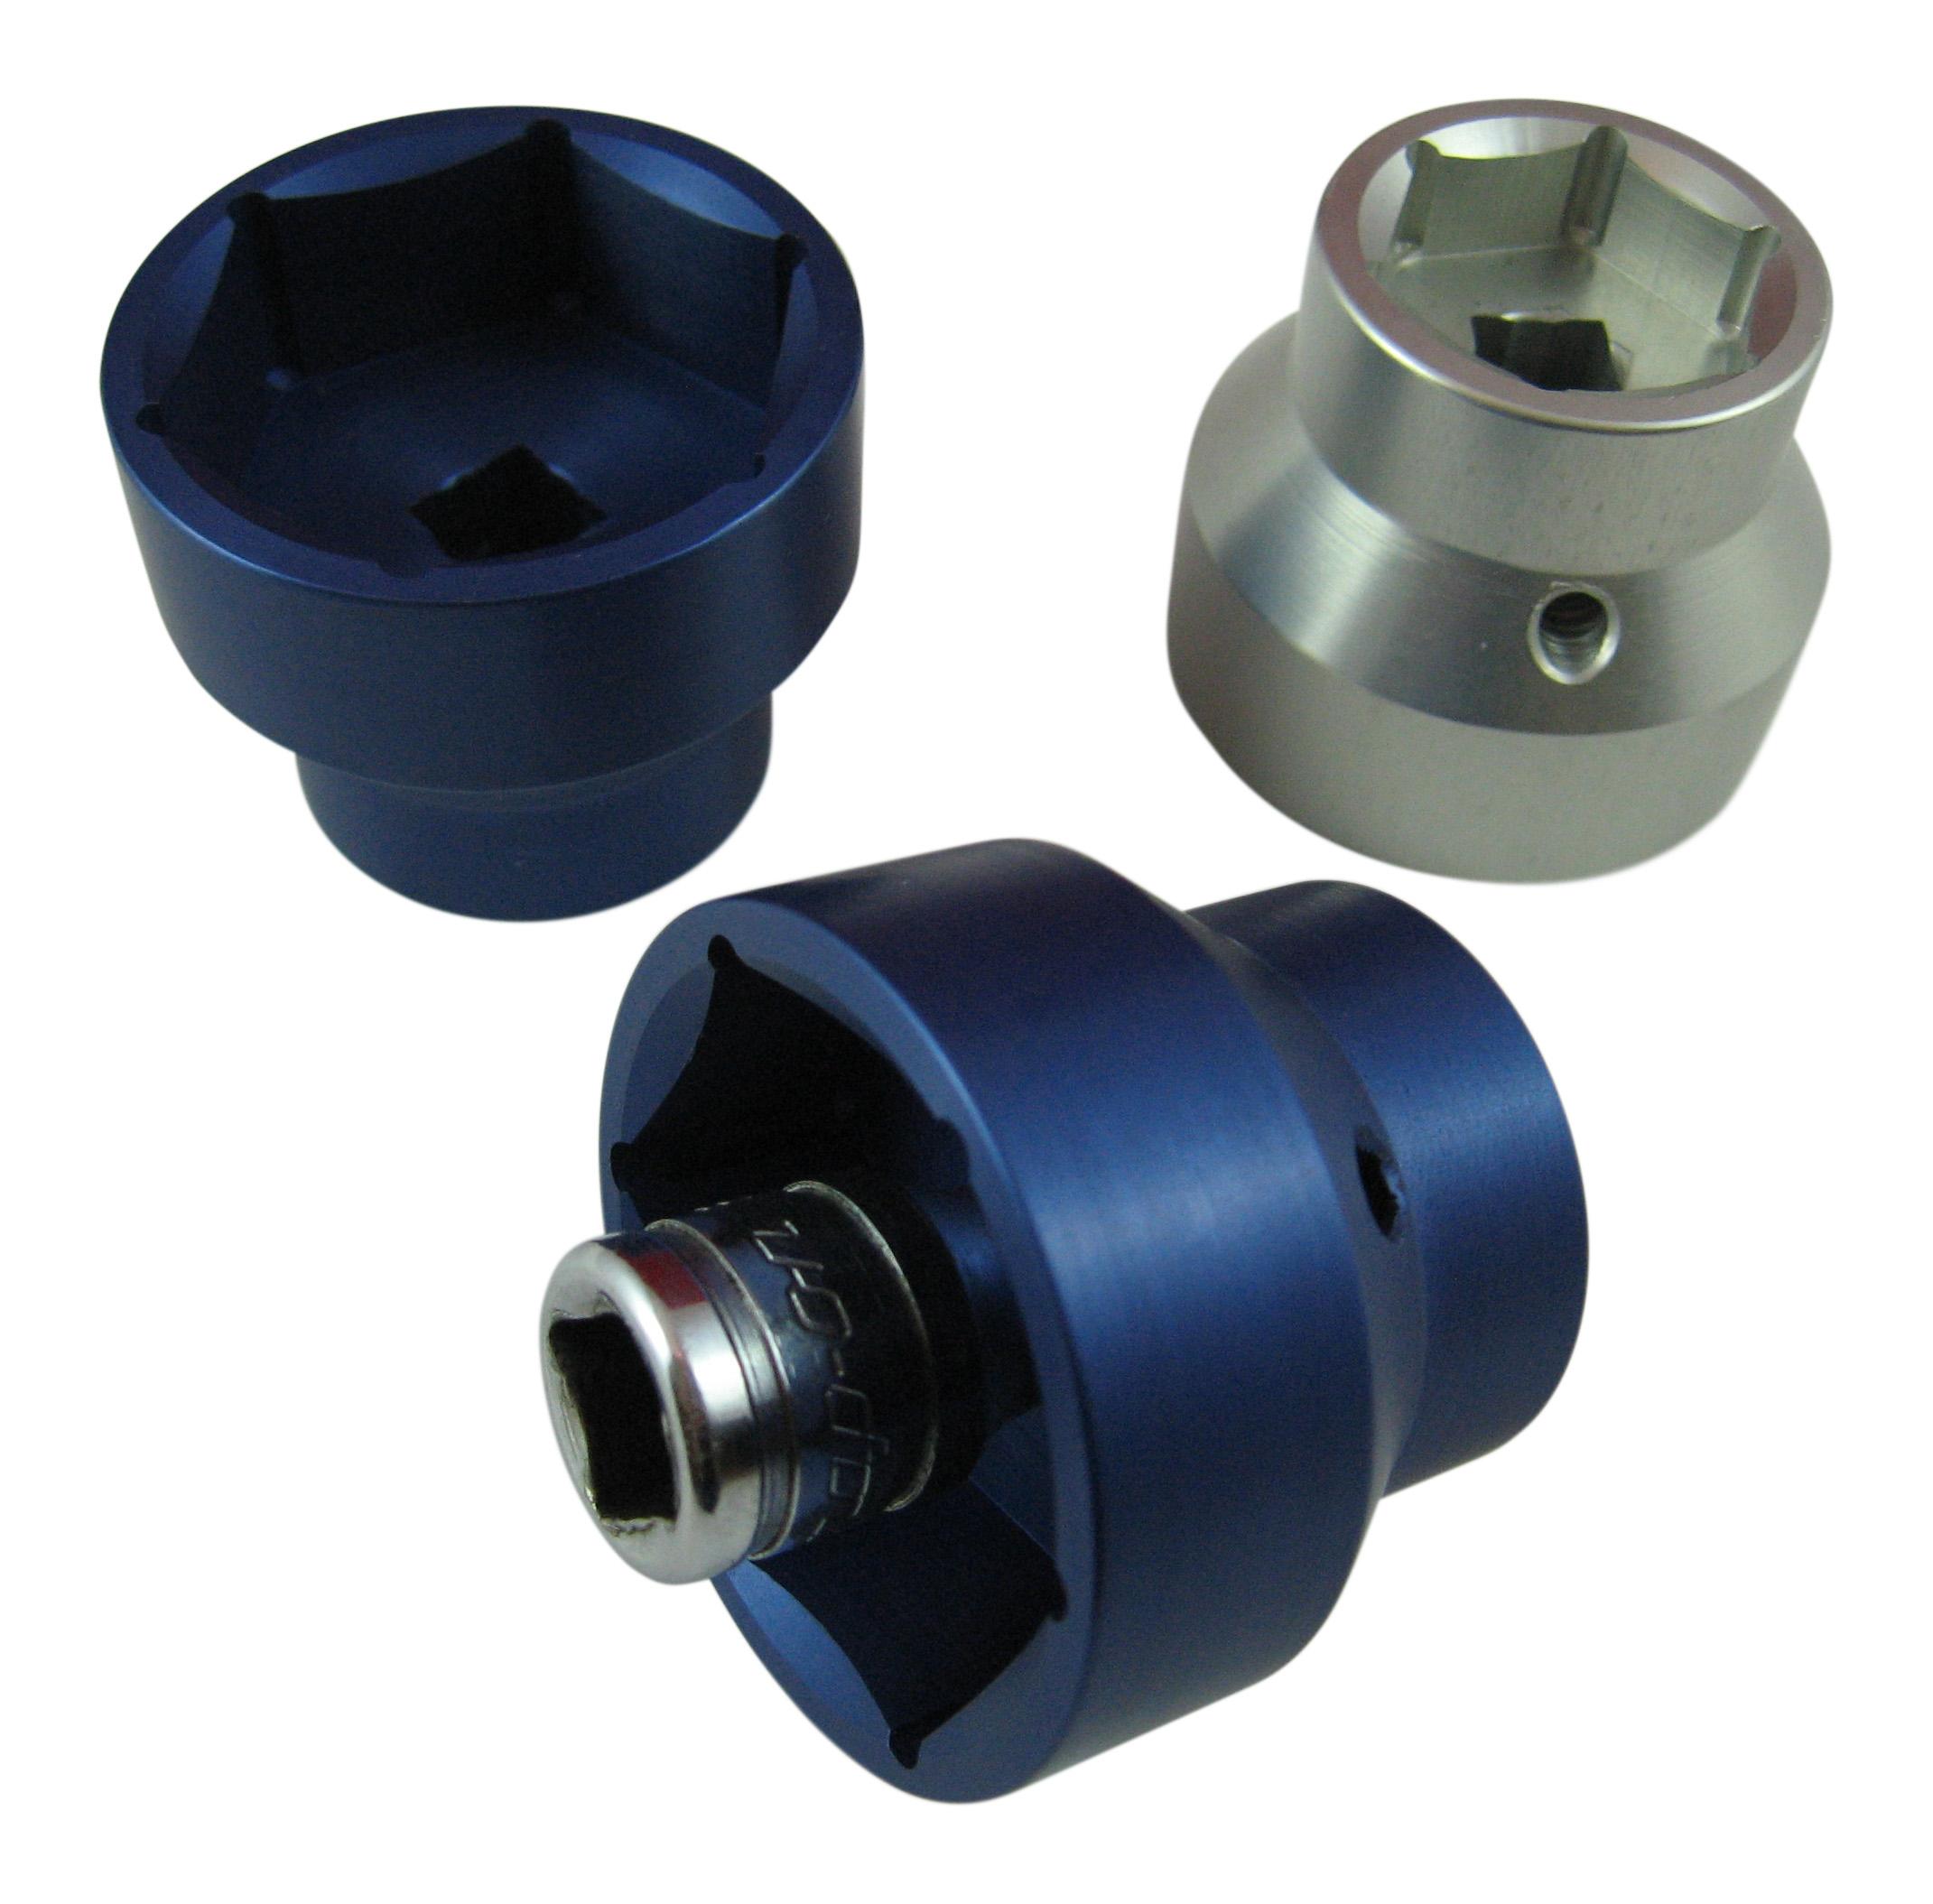 Ford V8 7.3L PowerStroke Diesel Fuel Filter Cap Cover Socket Tool Adapter Truck